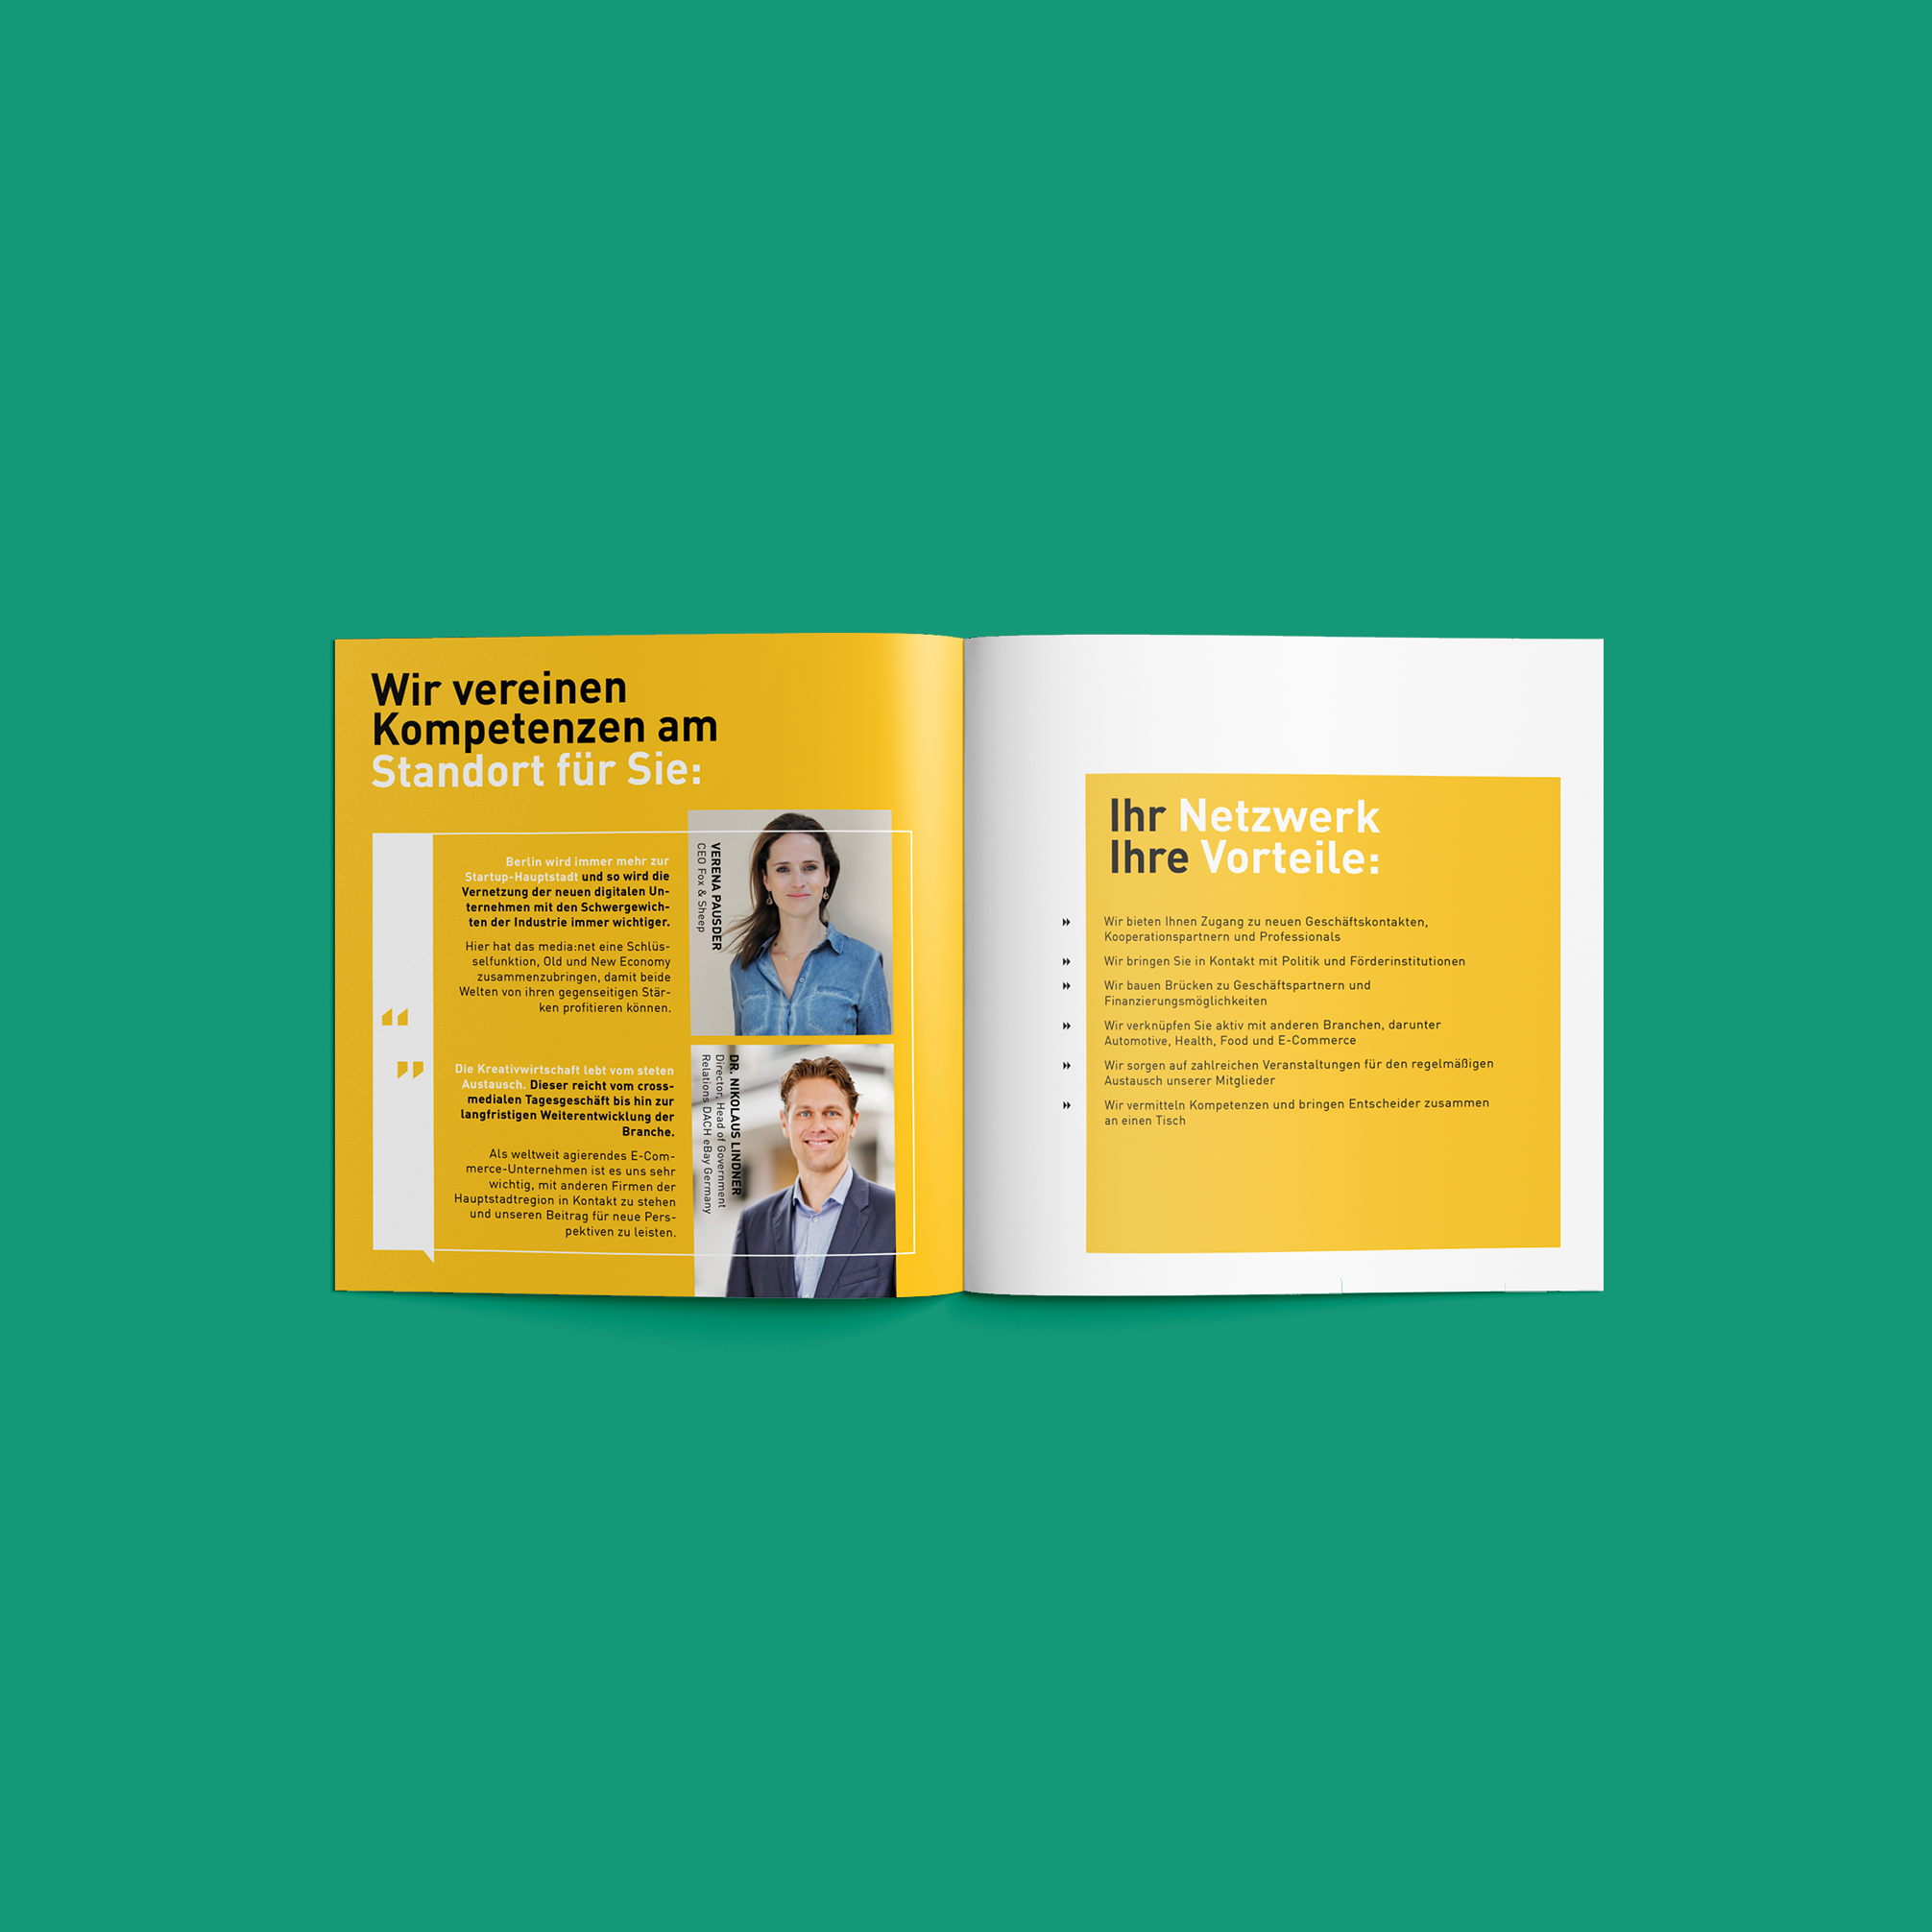 Media net berlinbrandenburg Image Broschüre - Kompetenzen | Corporate Identity - Redesign